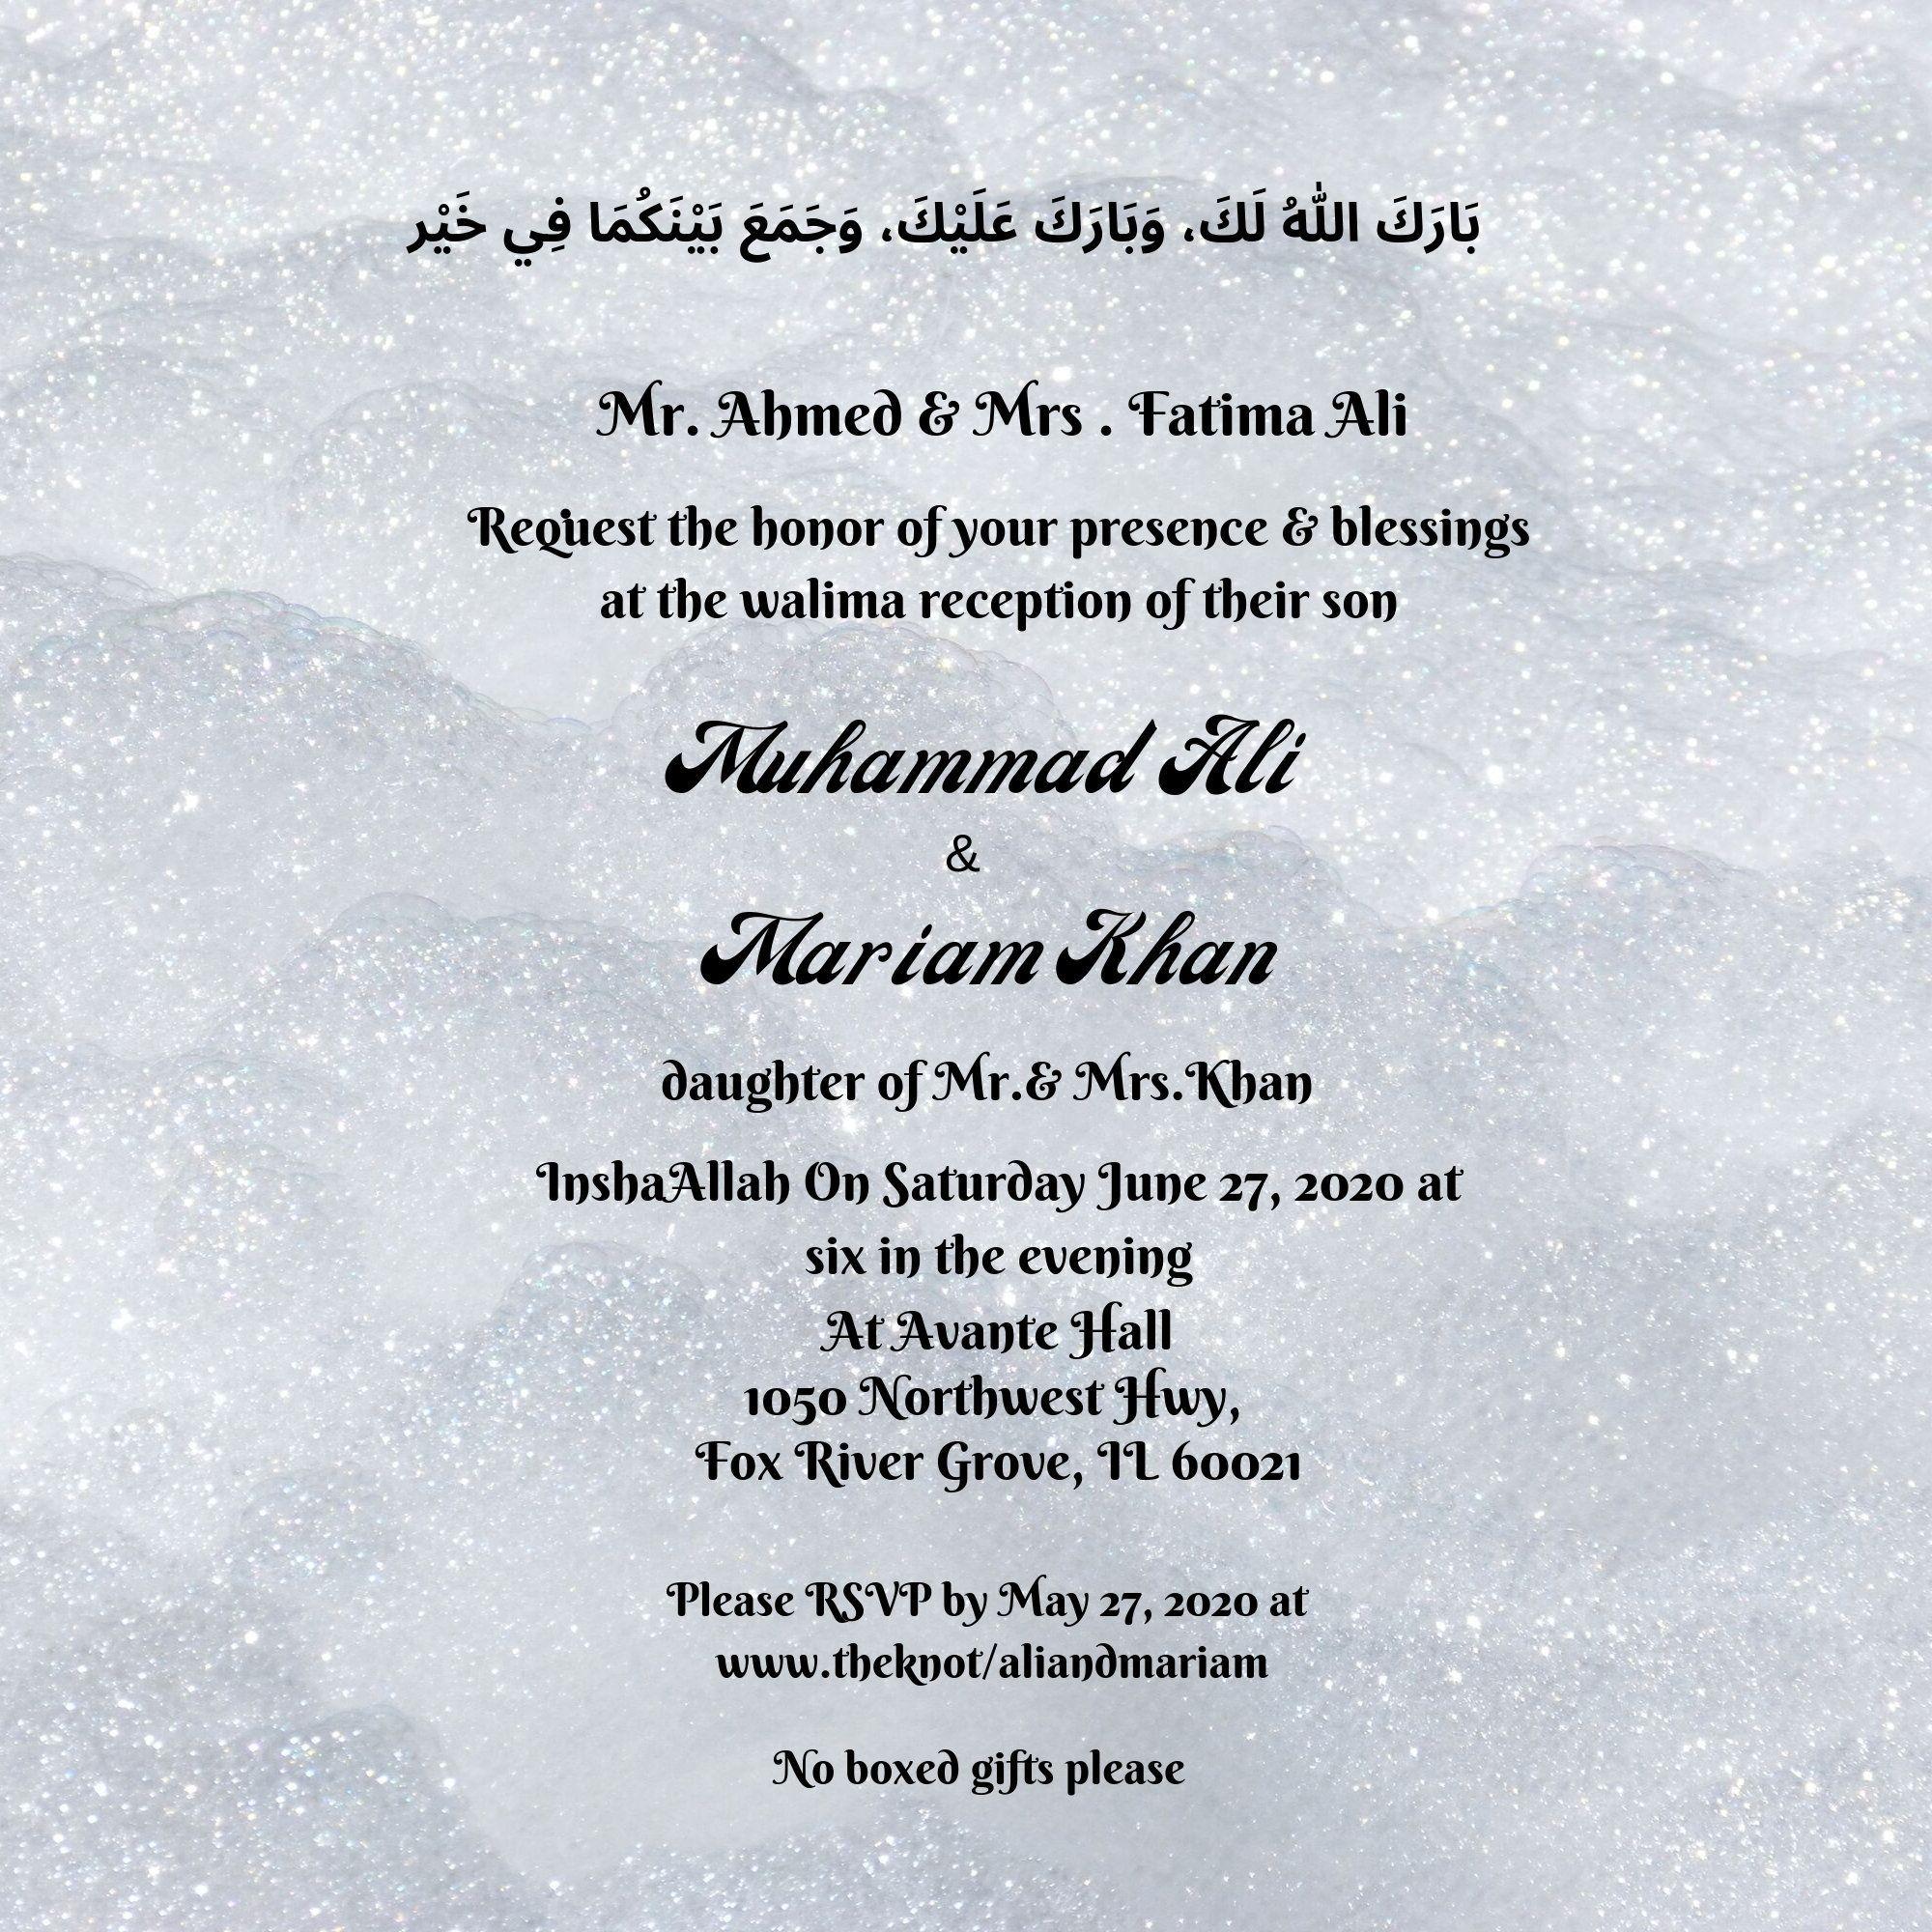 Walima Invitation Nikah Invitation Muslim Invitation Printable Valima In Purple Wedding Invitations Muslim Wedding Invitations Unique Wedding Invitations